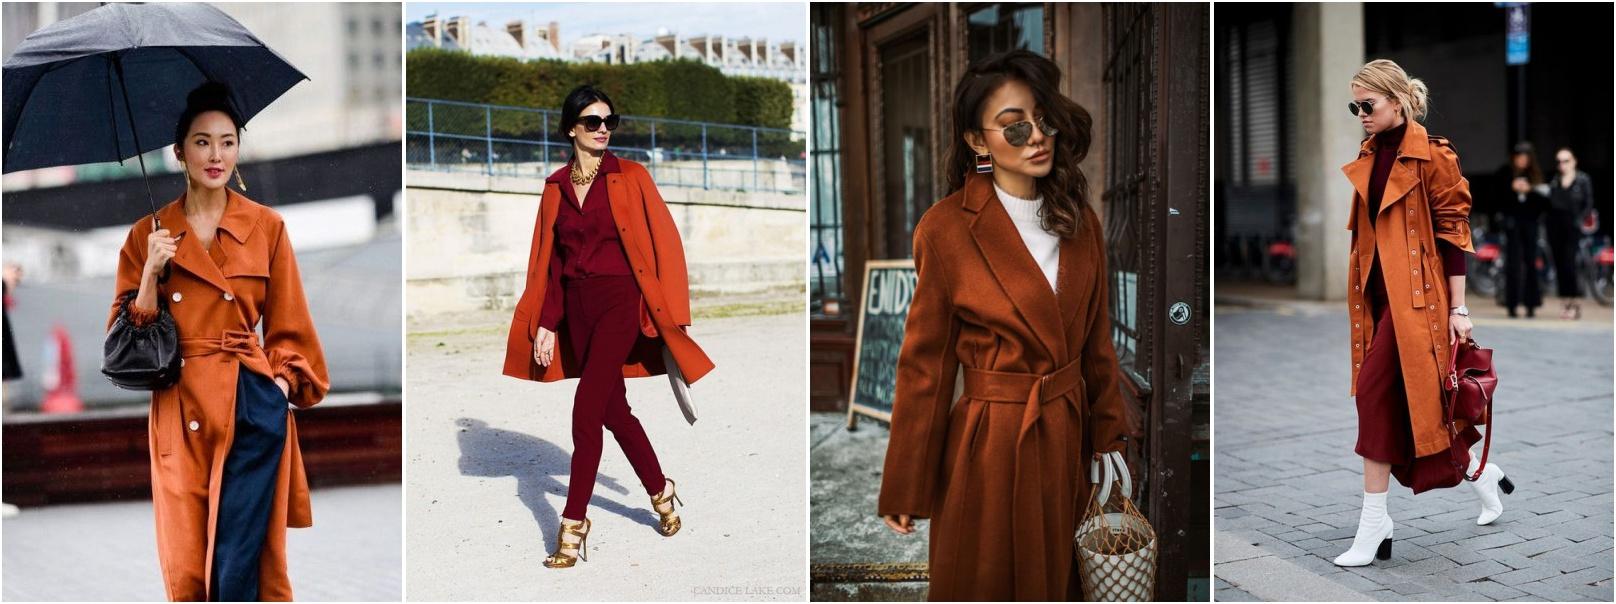 Cores para outono e inverno tendencias inverno 2019 - looks usando casaco ferrugem